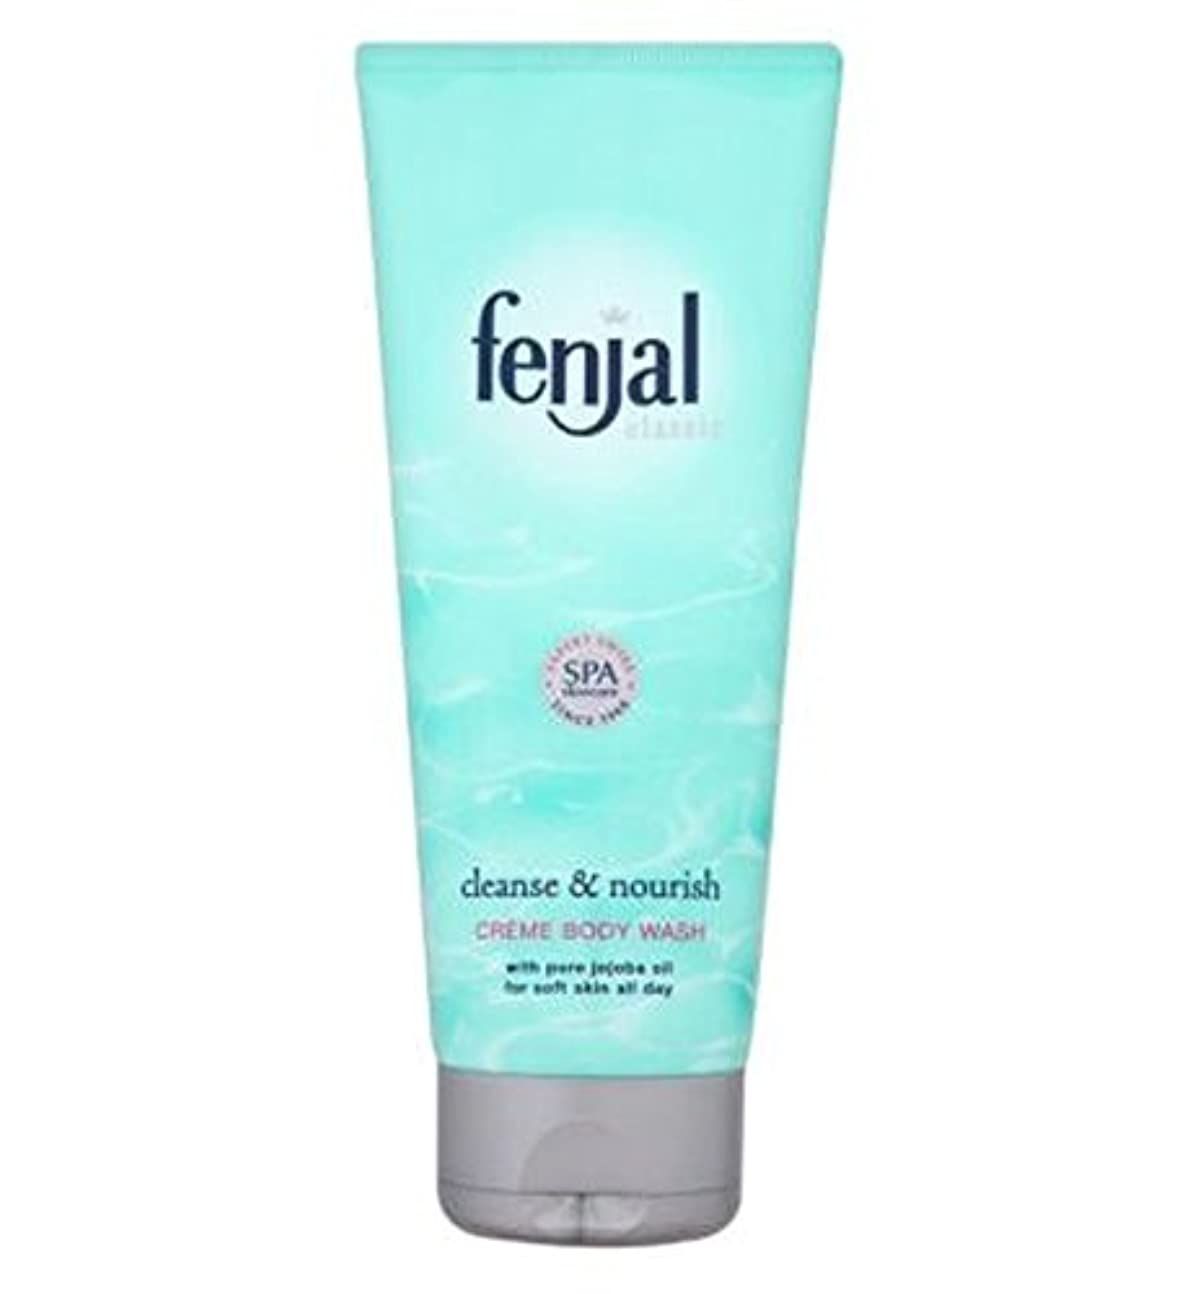 化学薬品性差別流体Fenjal古典的な高級クリームオイルボディウォッシュ (Fenjal) (x2) - Fenjal Classic Luxury Creme Oil Body Wash (Pack of 2) [並行輸入品]